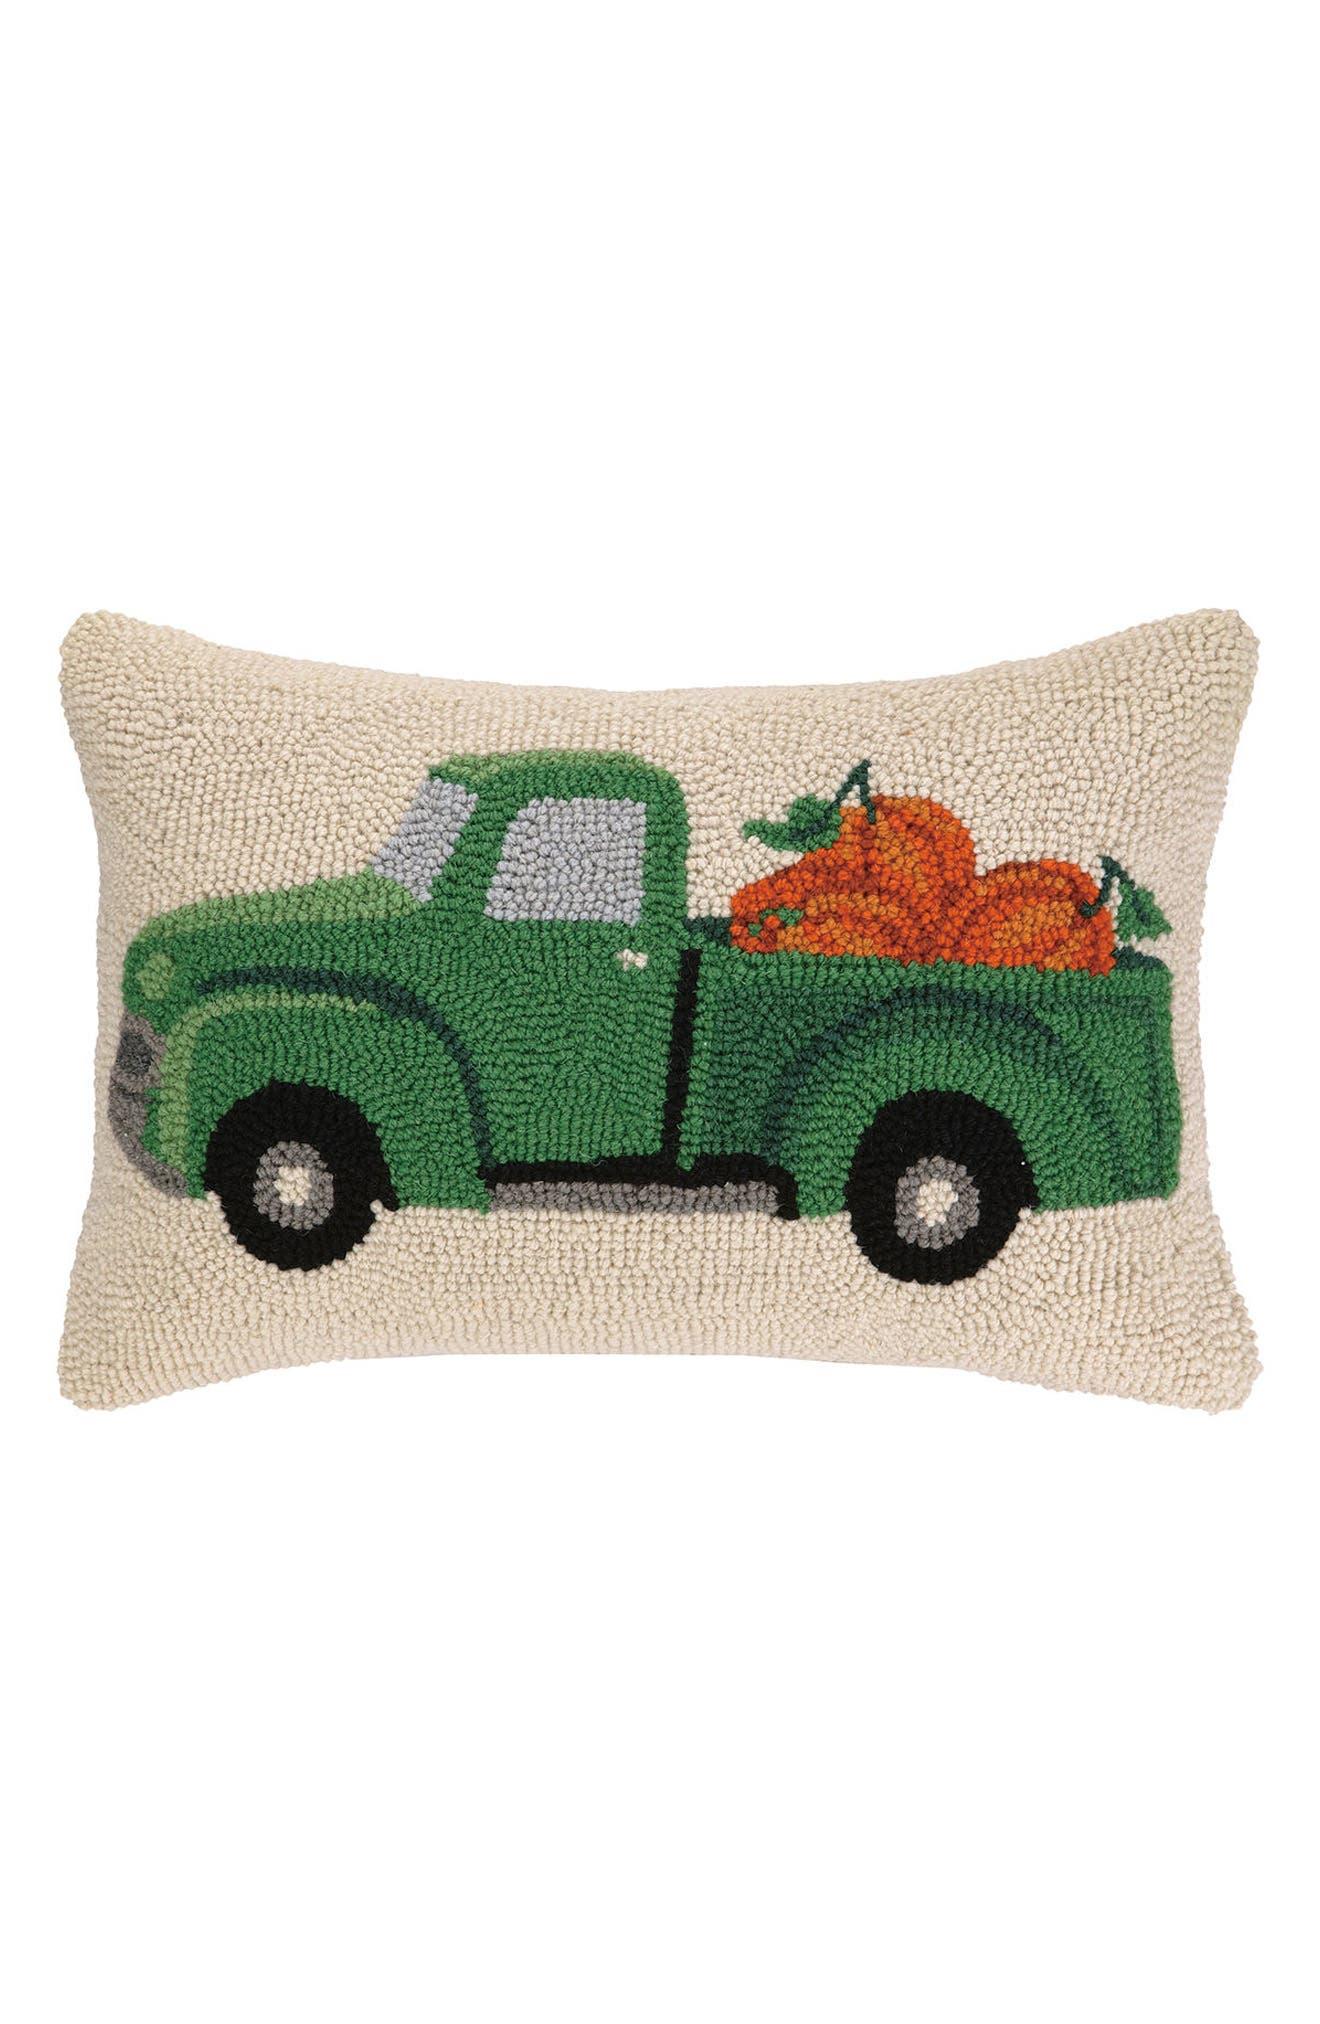 Alternate Image 1 Selected - Peking Handicraft Fall Truck Accent Pillow